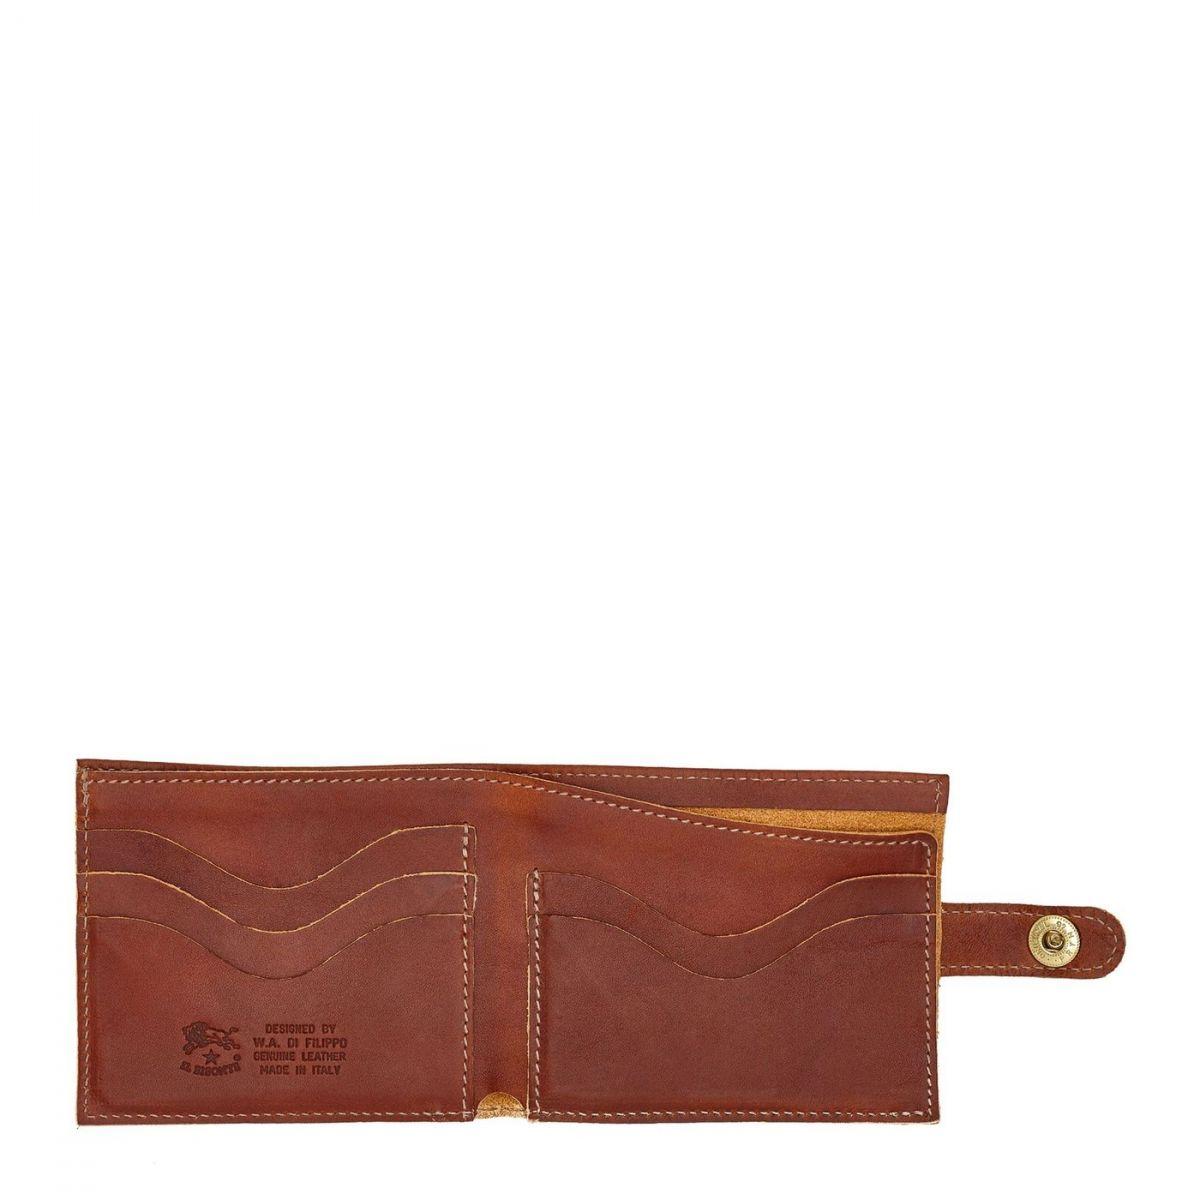 Portefeuille À Deux Volets pour Homme en Cuir De Vachette Vintage SBW034 couleur Brun Foncé Seppia | Details